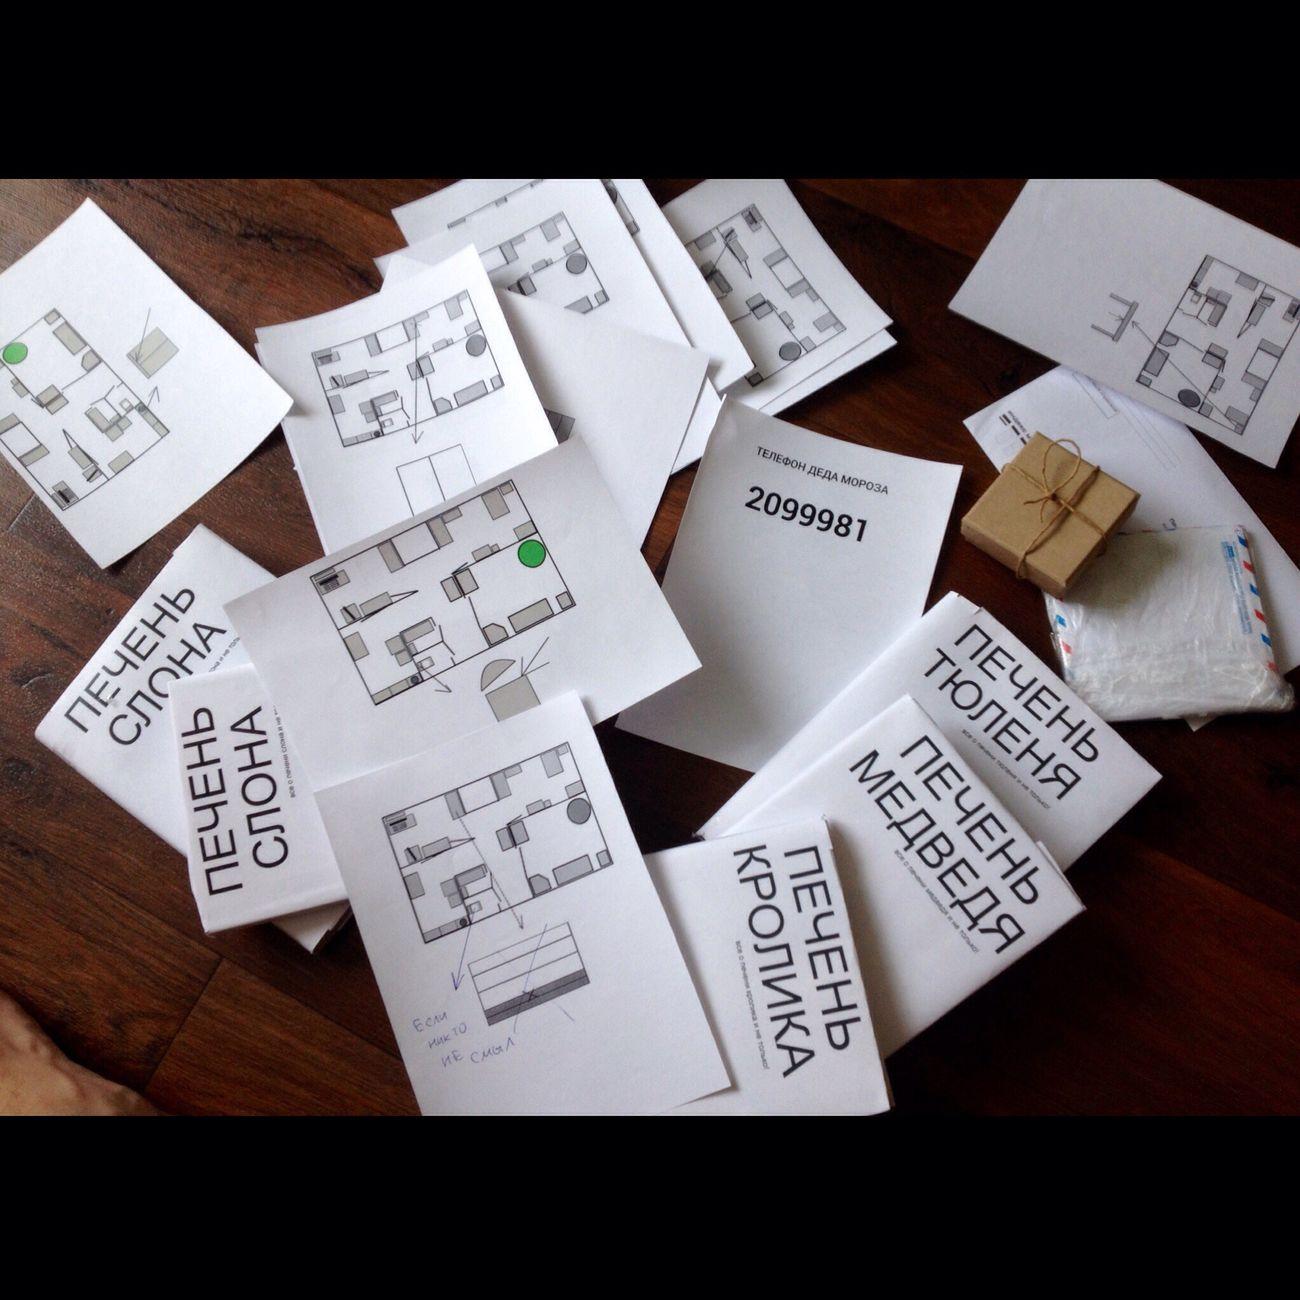 На новыйгод попросили придумать небольшой квест для детей) но, подумав, включил в квест всех взрослых, которые в эту Ночь были у нас вгостях 5 книг про печень, карты и телефон деда мороза(виртуальная #атс с автоответчиком и пользовательским меню) 😄 было весело! Они еще не знают, какие подарки их ждут!😂